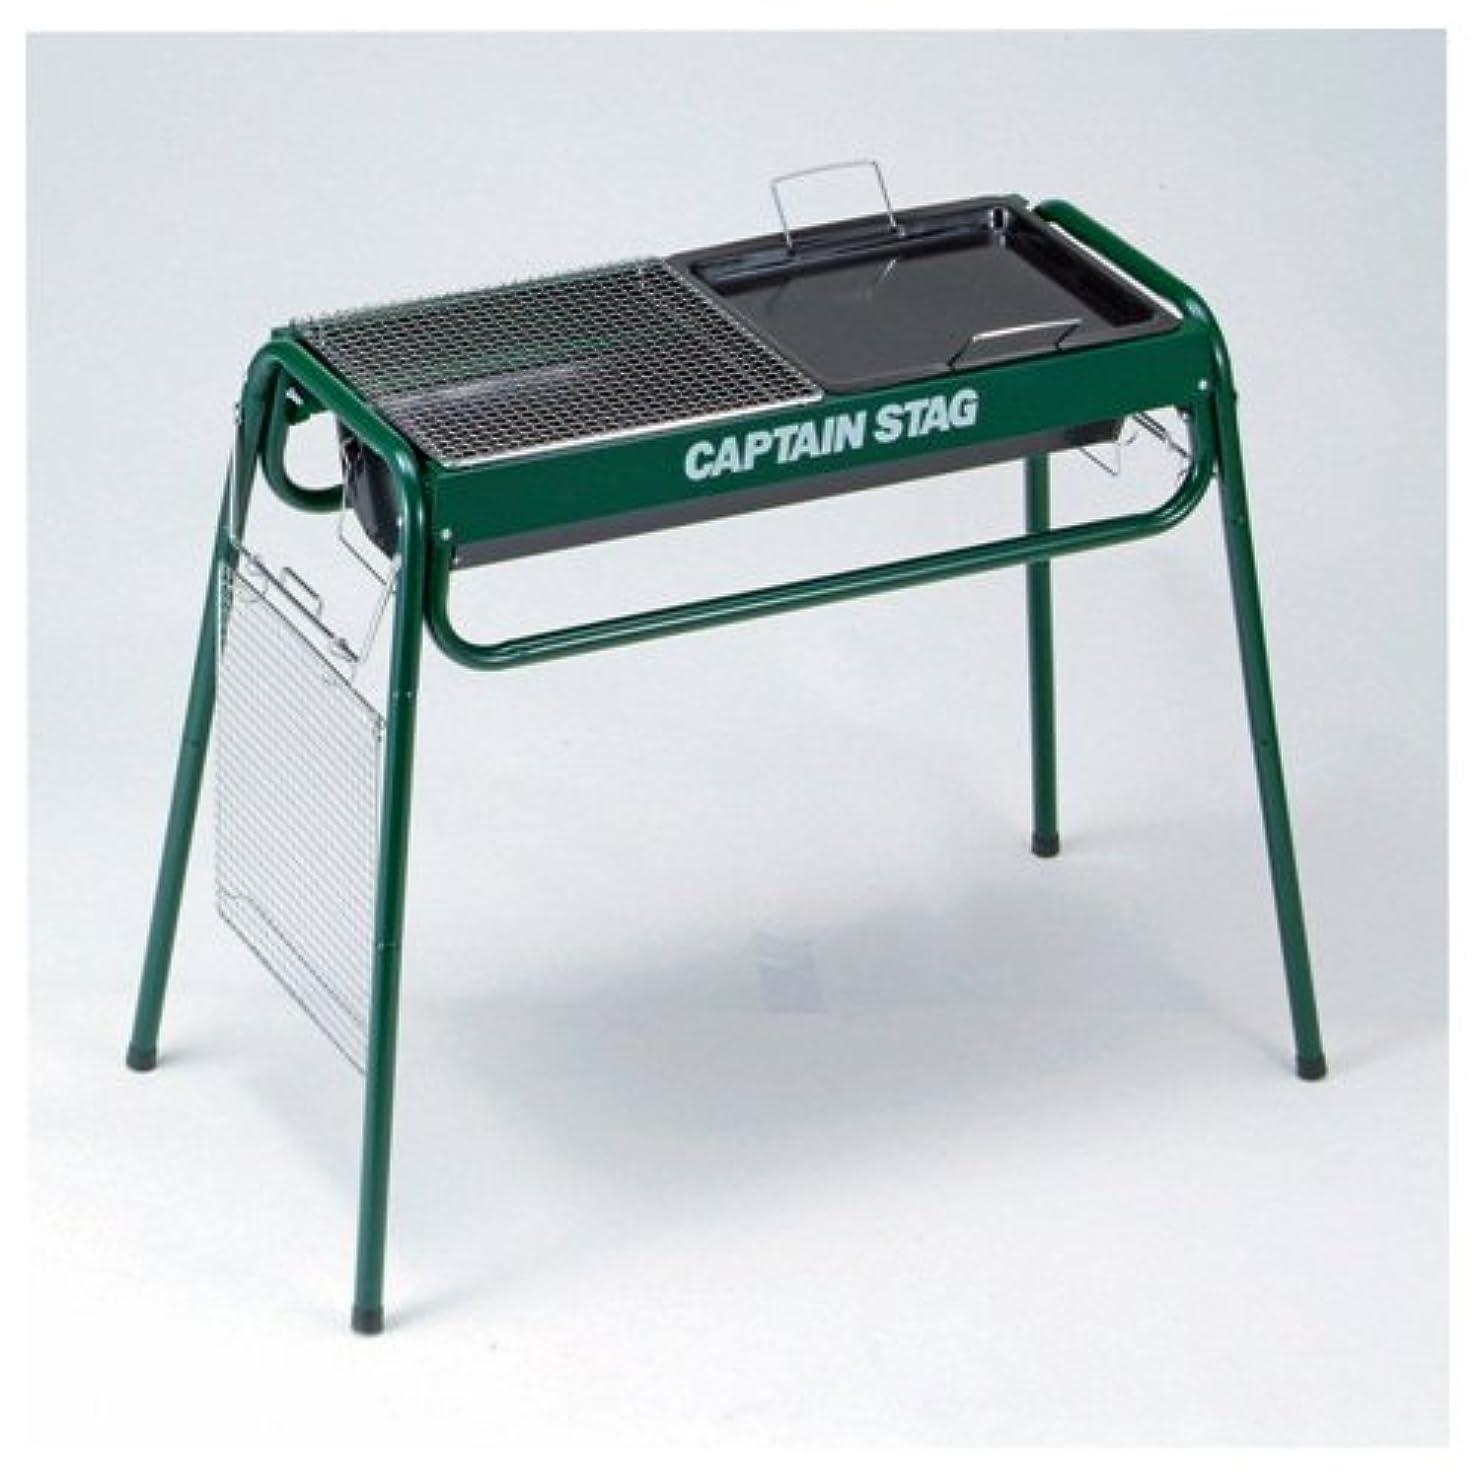 加害者スワップ脚本CAPTAIN STAG(キャプテンスタッグ)スライド グリルフレーム650(グリーン)☆材料をのせたまま、スライド式で炭の補充ができる!